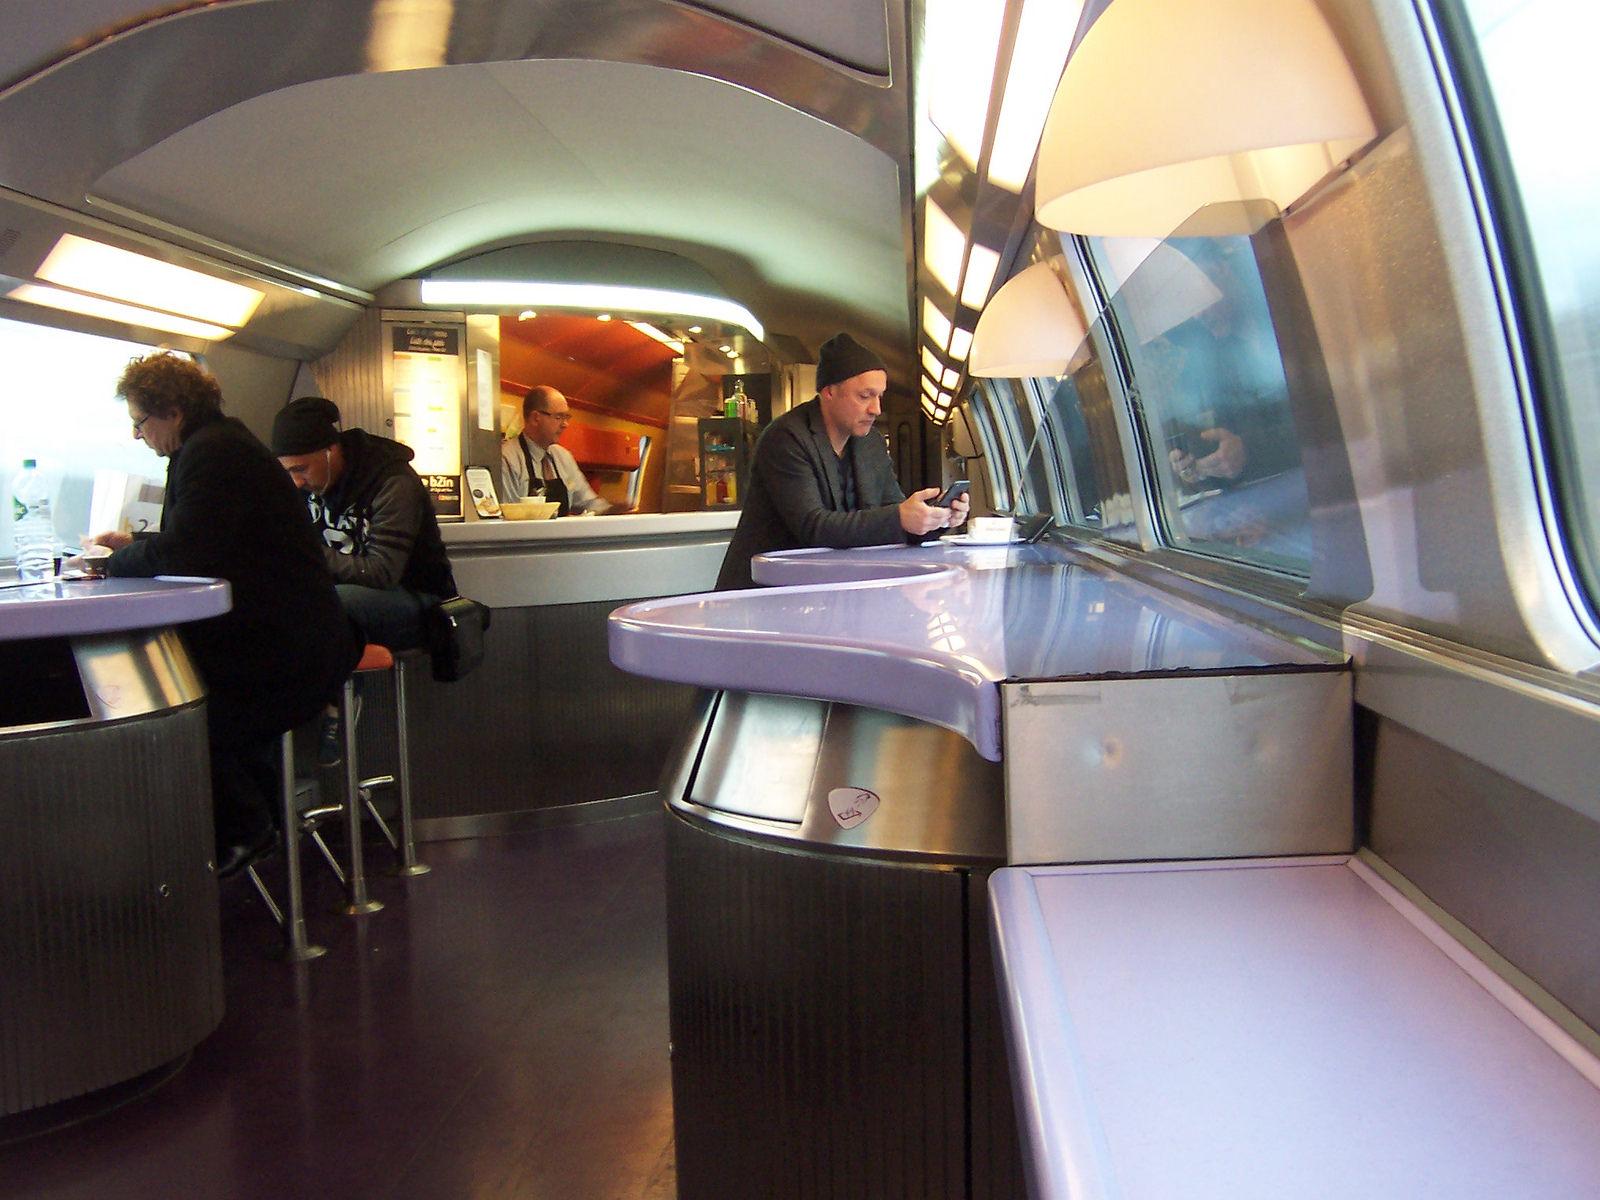 modern train inside